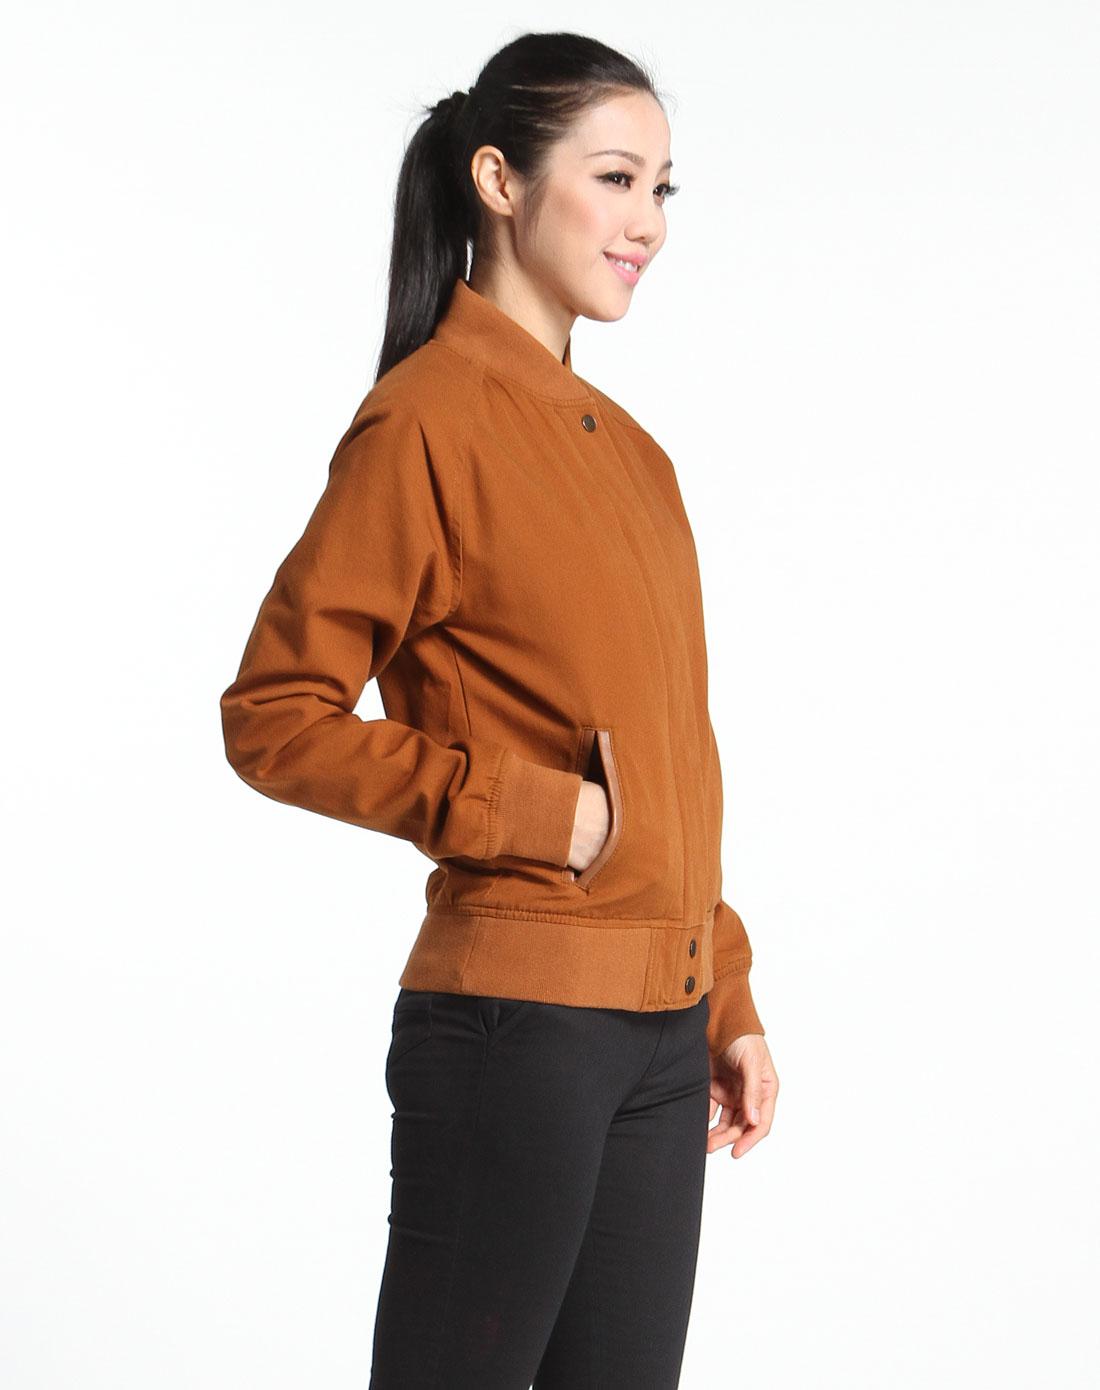 女外套_耐克代购女外套质量比较好 网上专卖